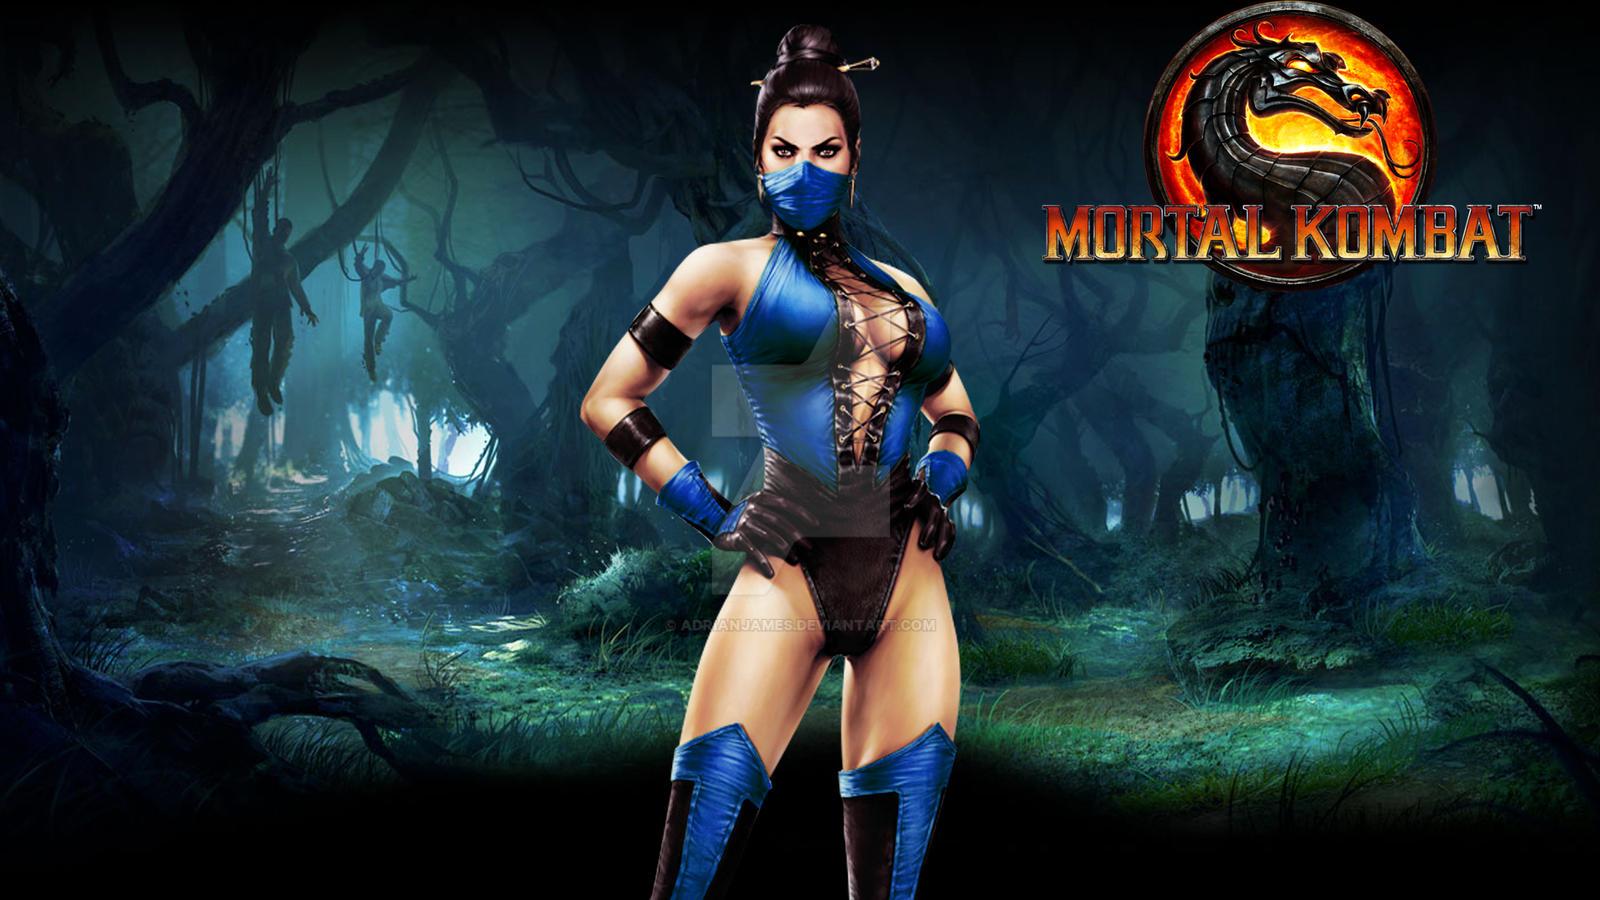 Kitana Mortal Kombat Wallpaper Hd Labzada